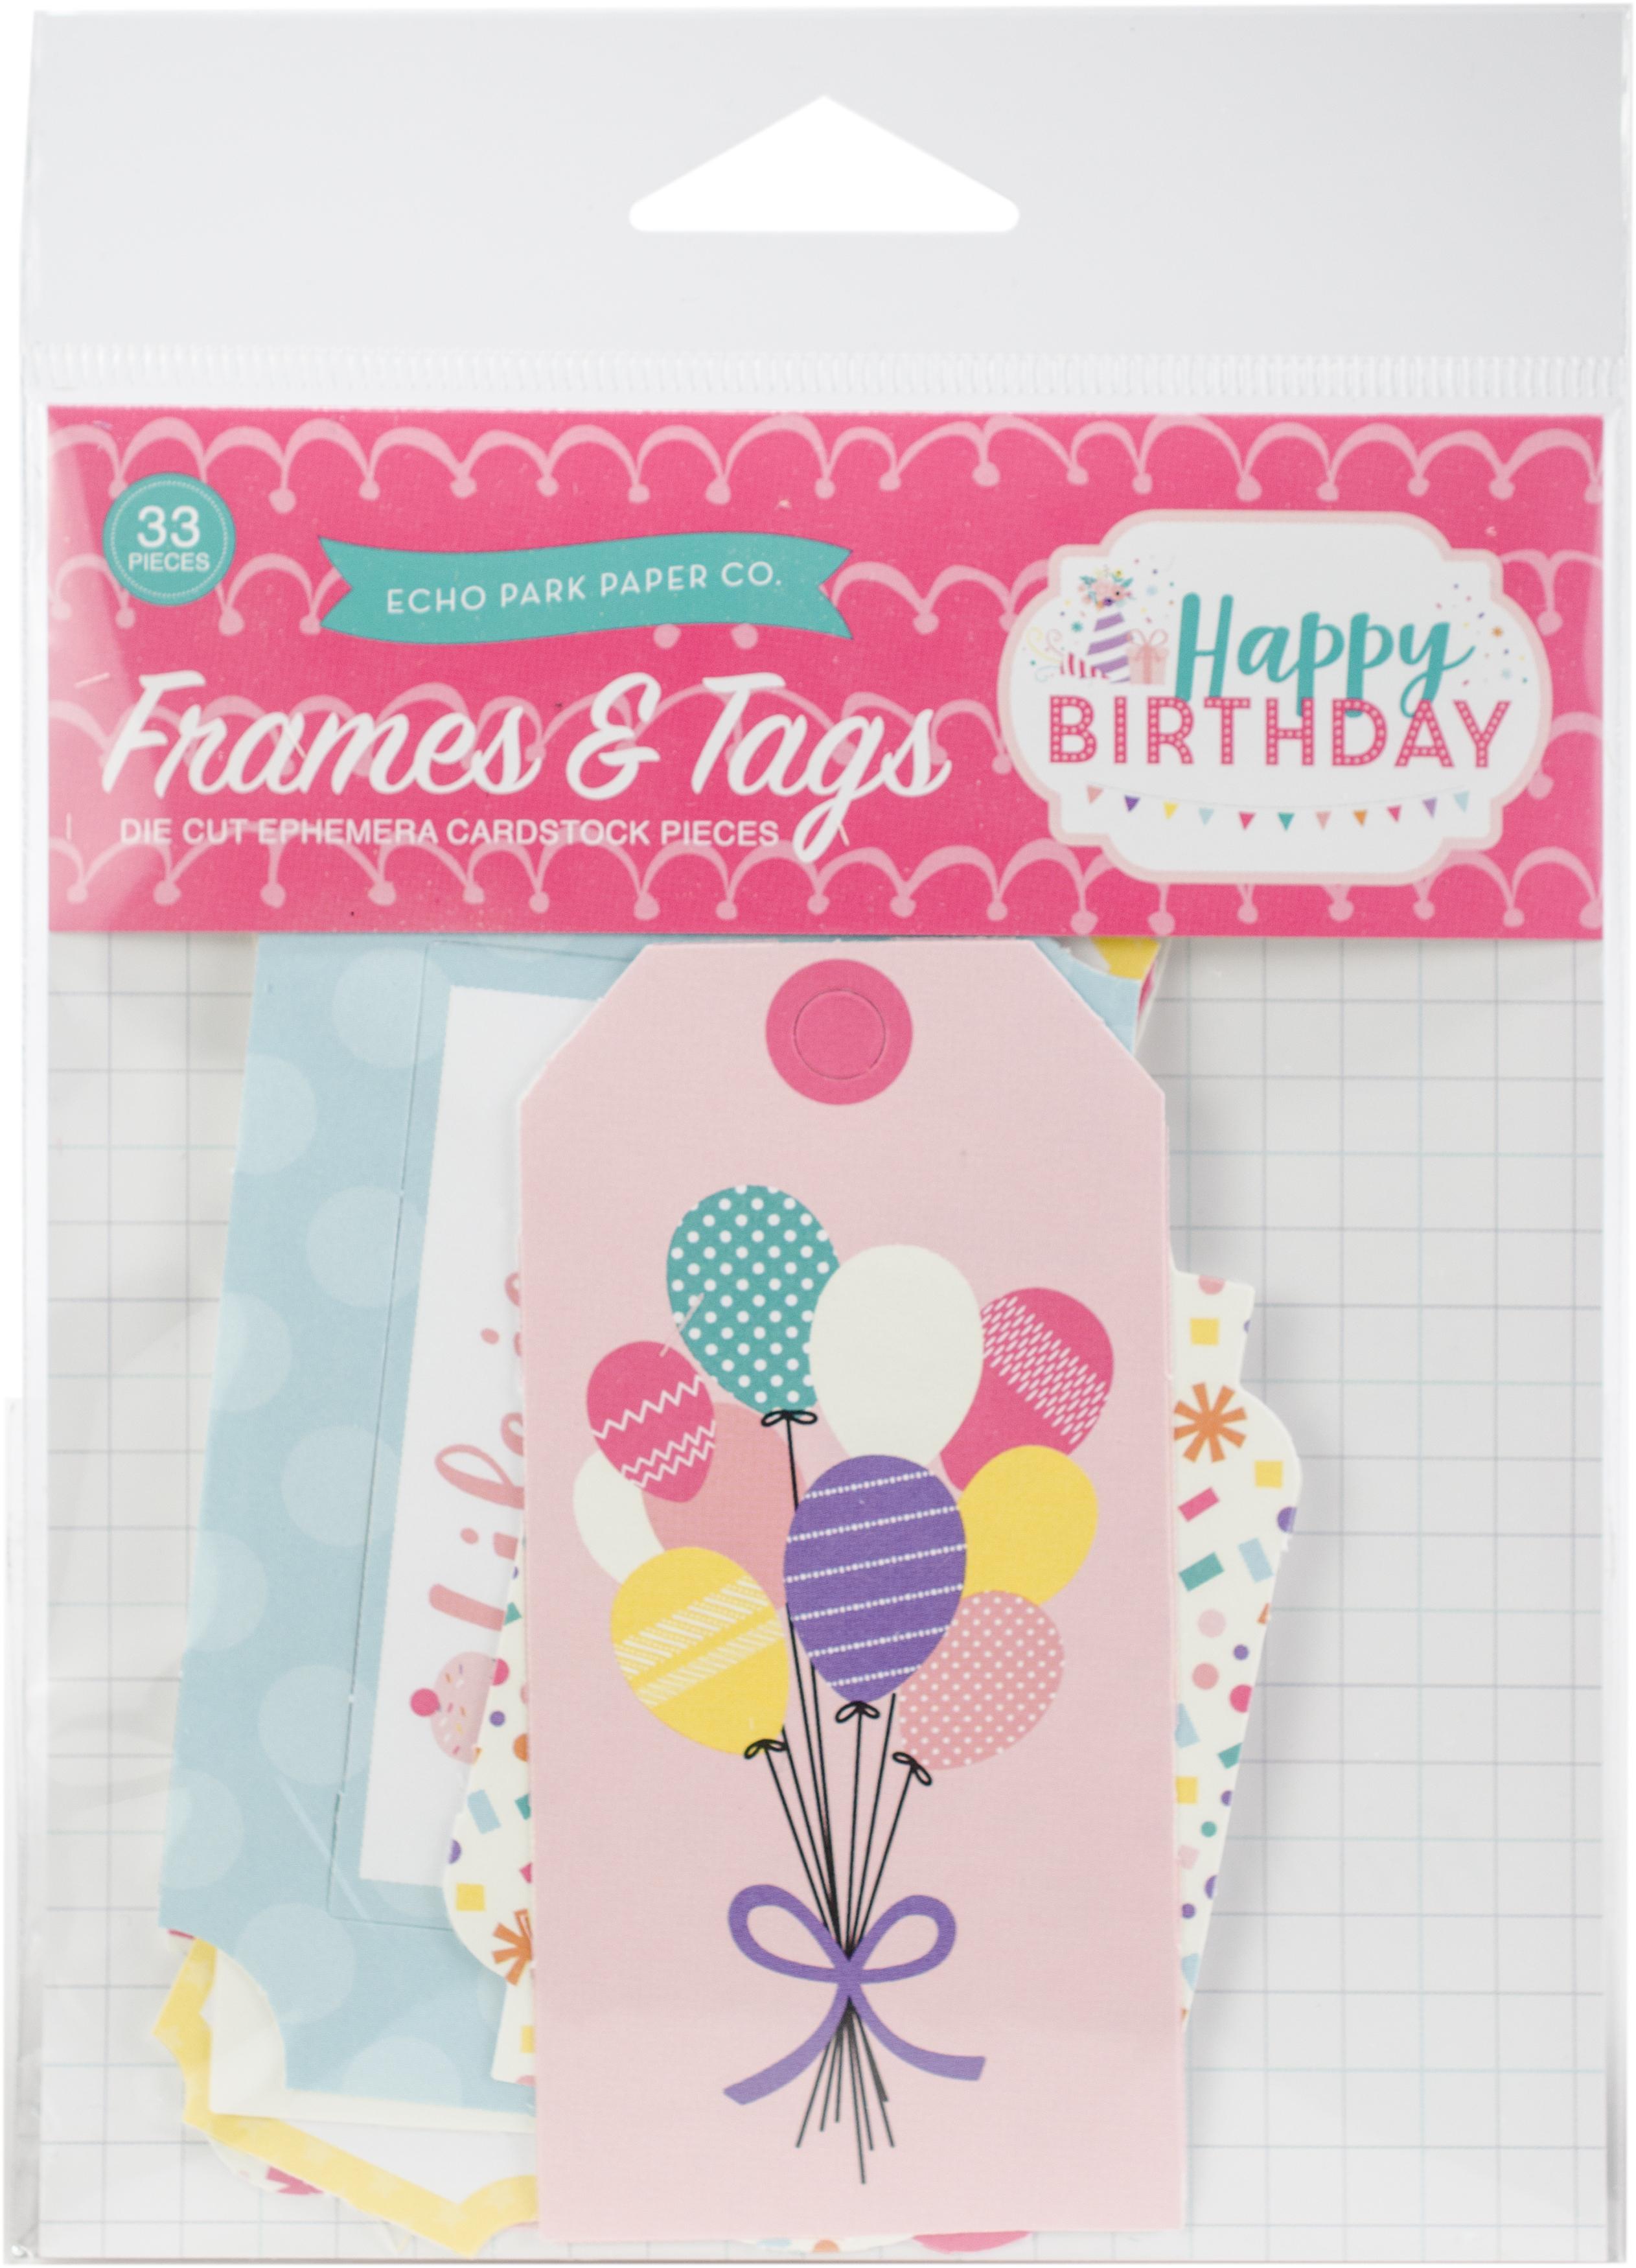 Happy Birthday Girl Echo Park Cardstock Ephemera 33/Pkg-Frames & Tags Happy Birthday Girl